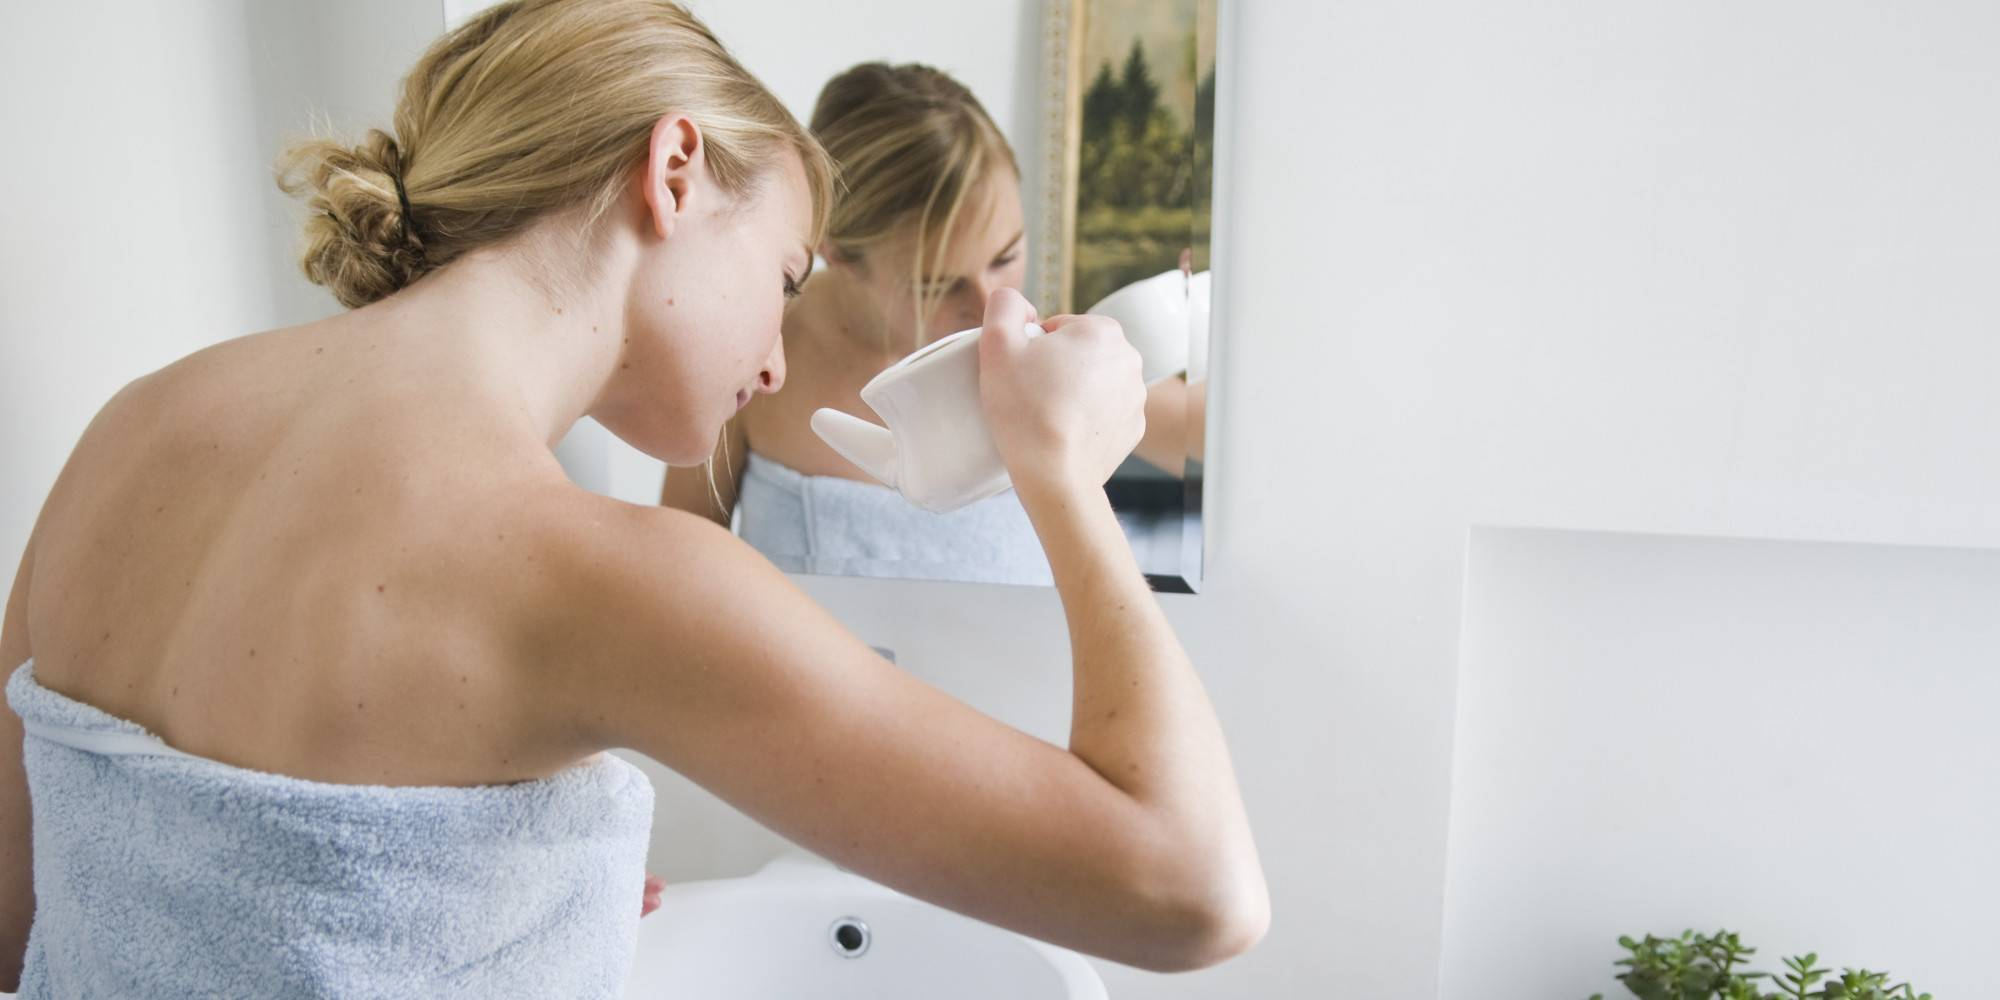 Промывание носа ромашкой: можно ли промывать раствором и настоем. можно ли промывать нос ромашкой детям и взрослым